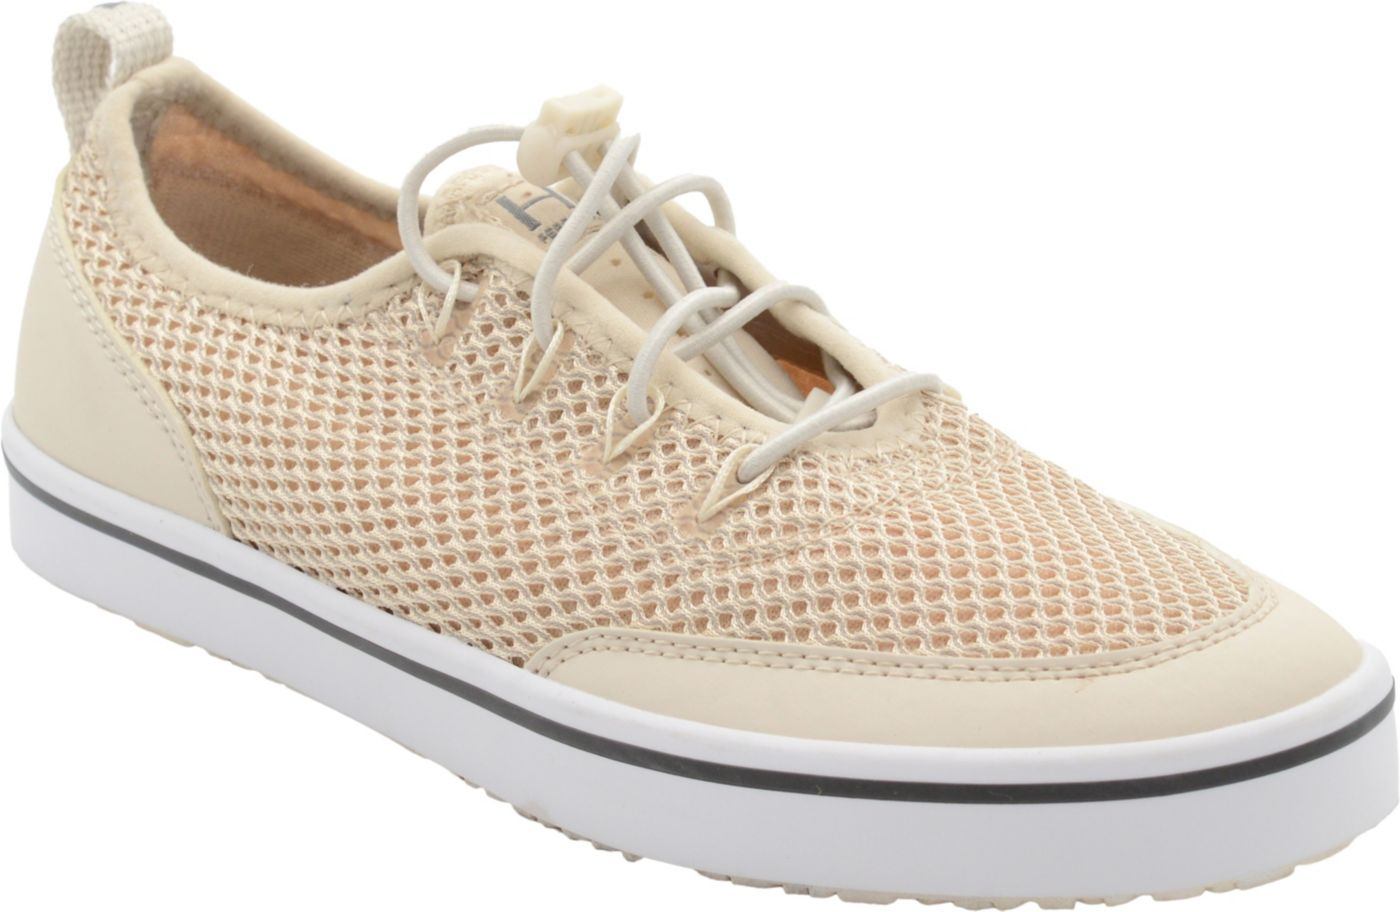 Huk Women's Mania Fishing Shoes